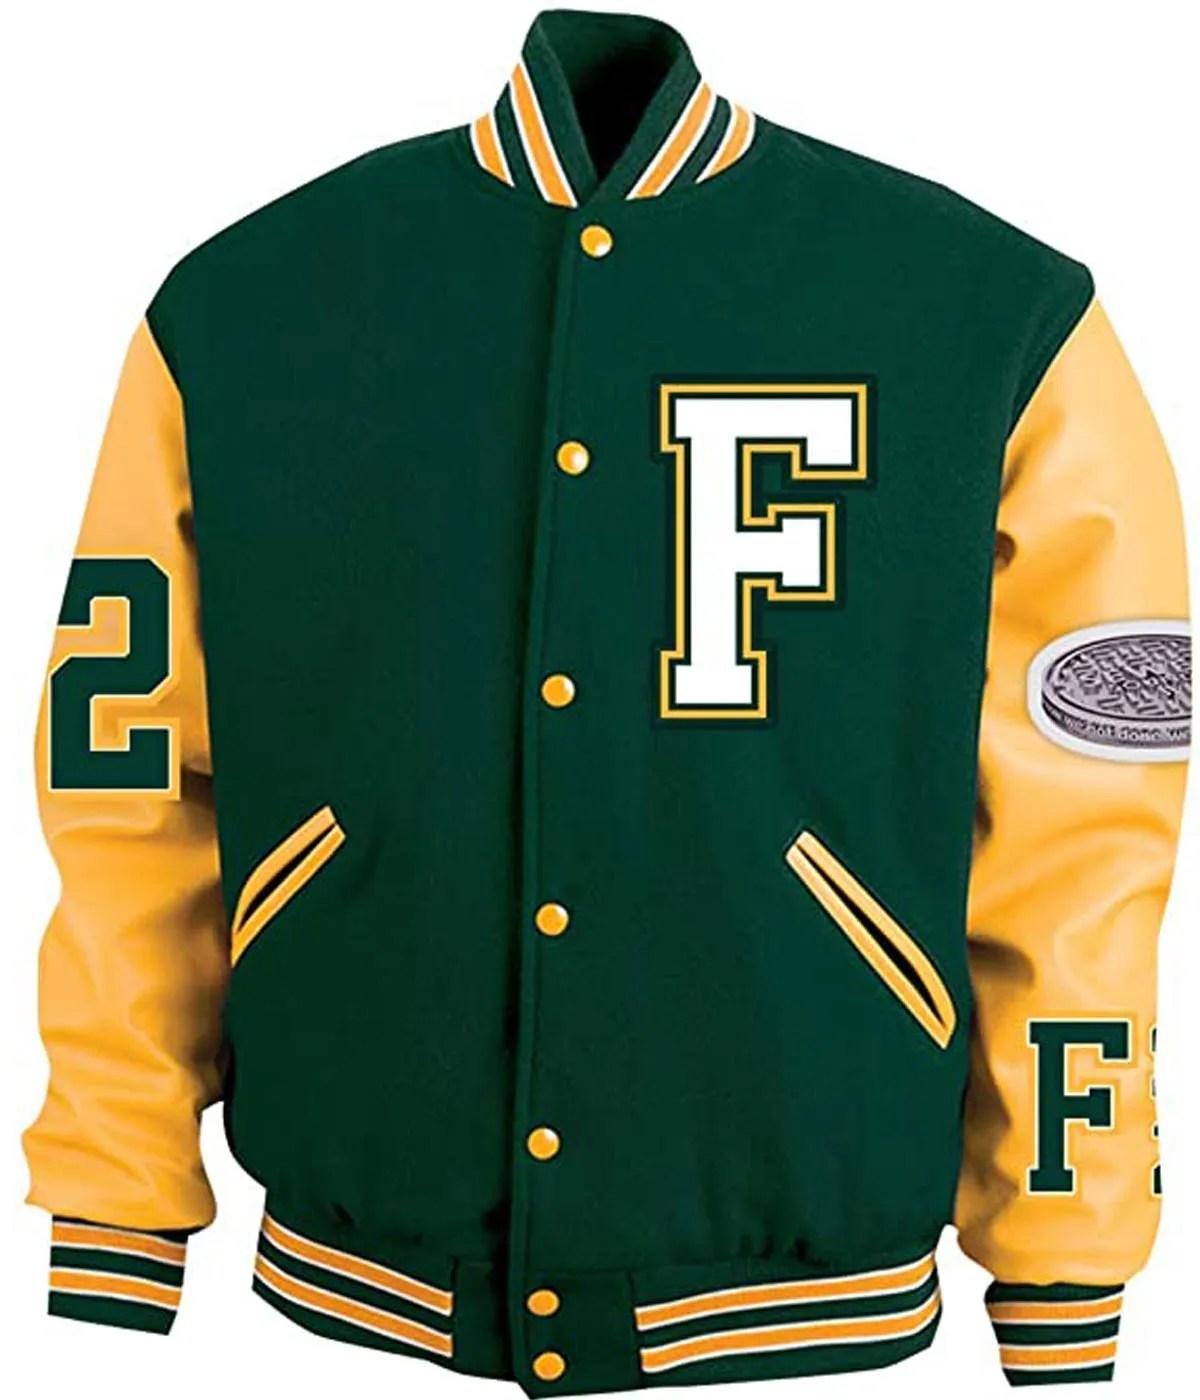 asap-ferg-varsity-jacket